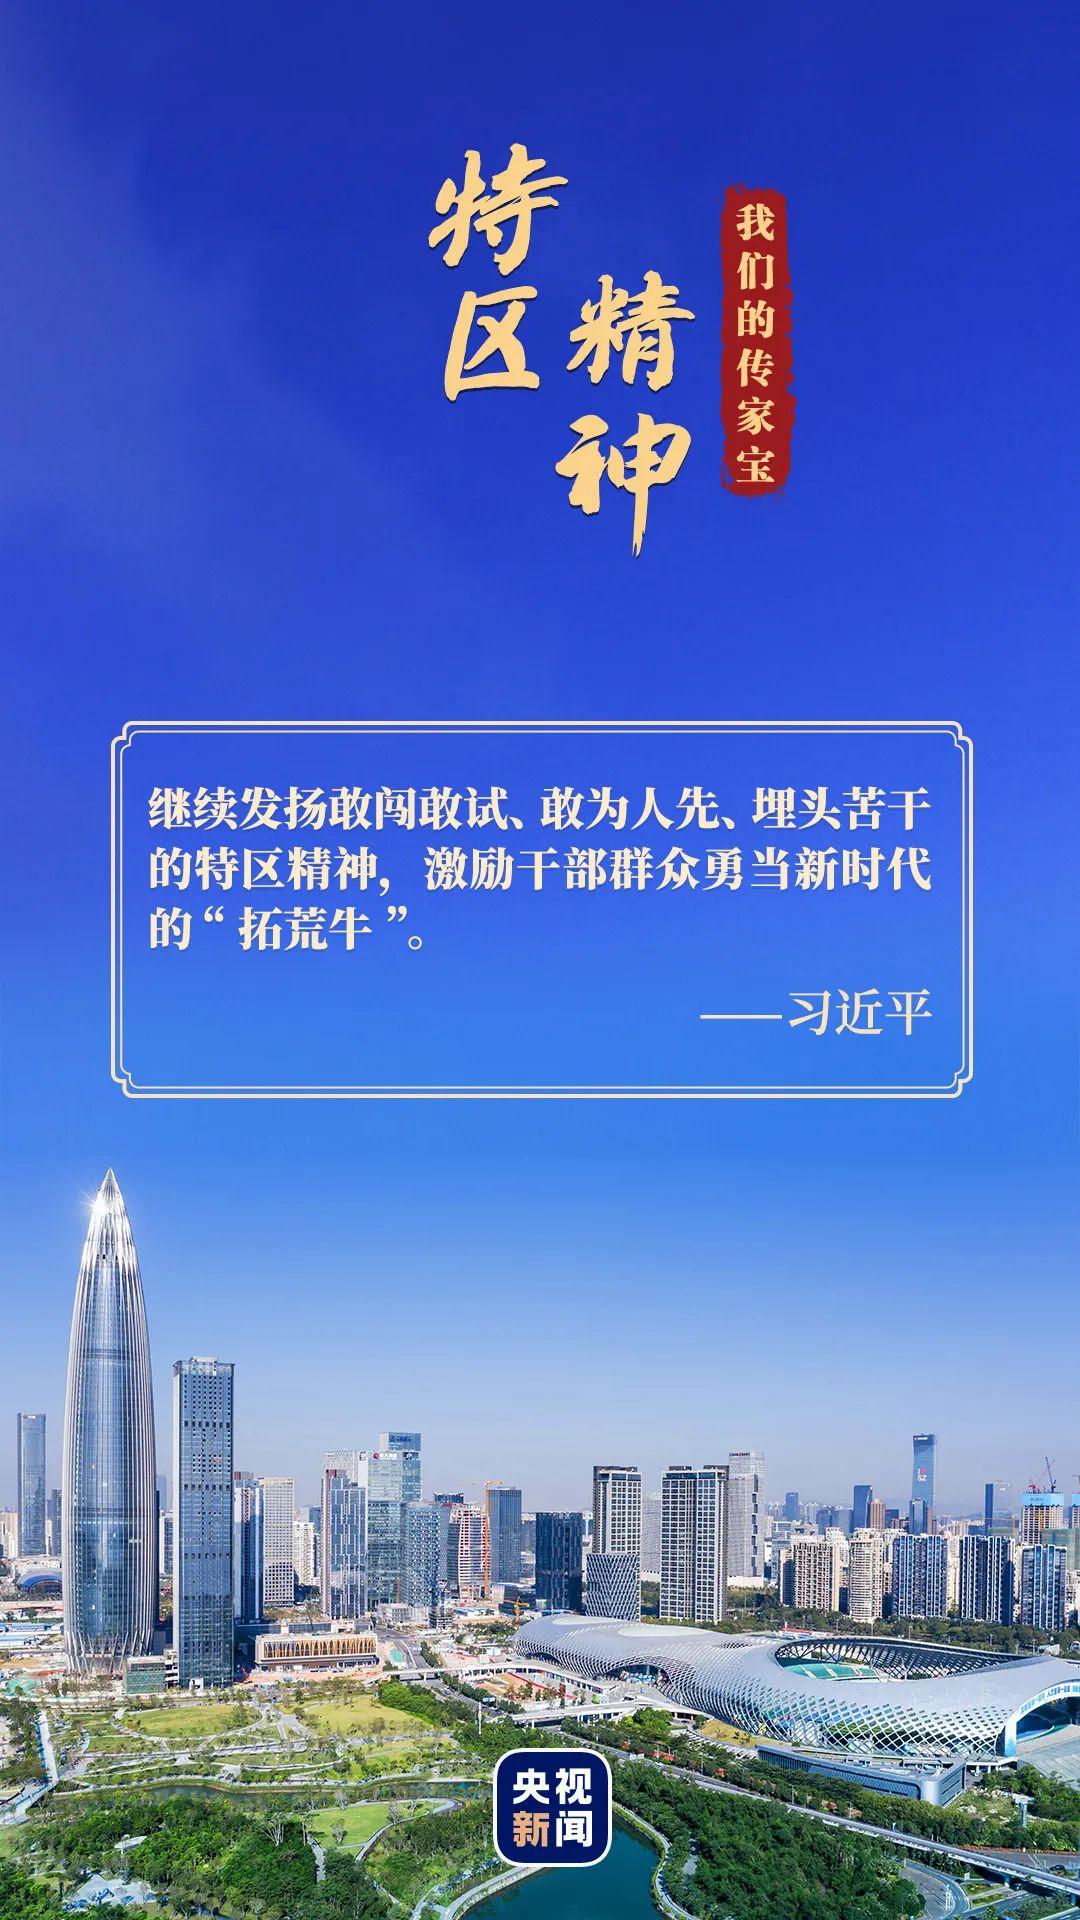 广州冼村杀人案现场_追忆之风魔化_襄樊家庭教师3人中文字幕